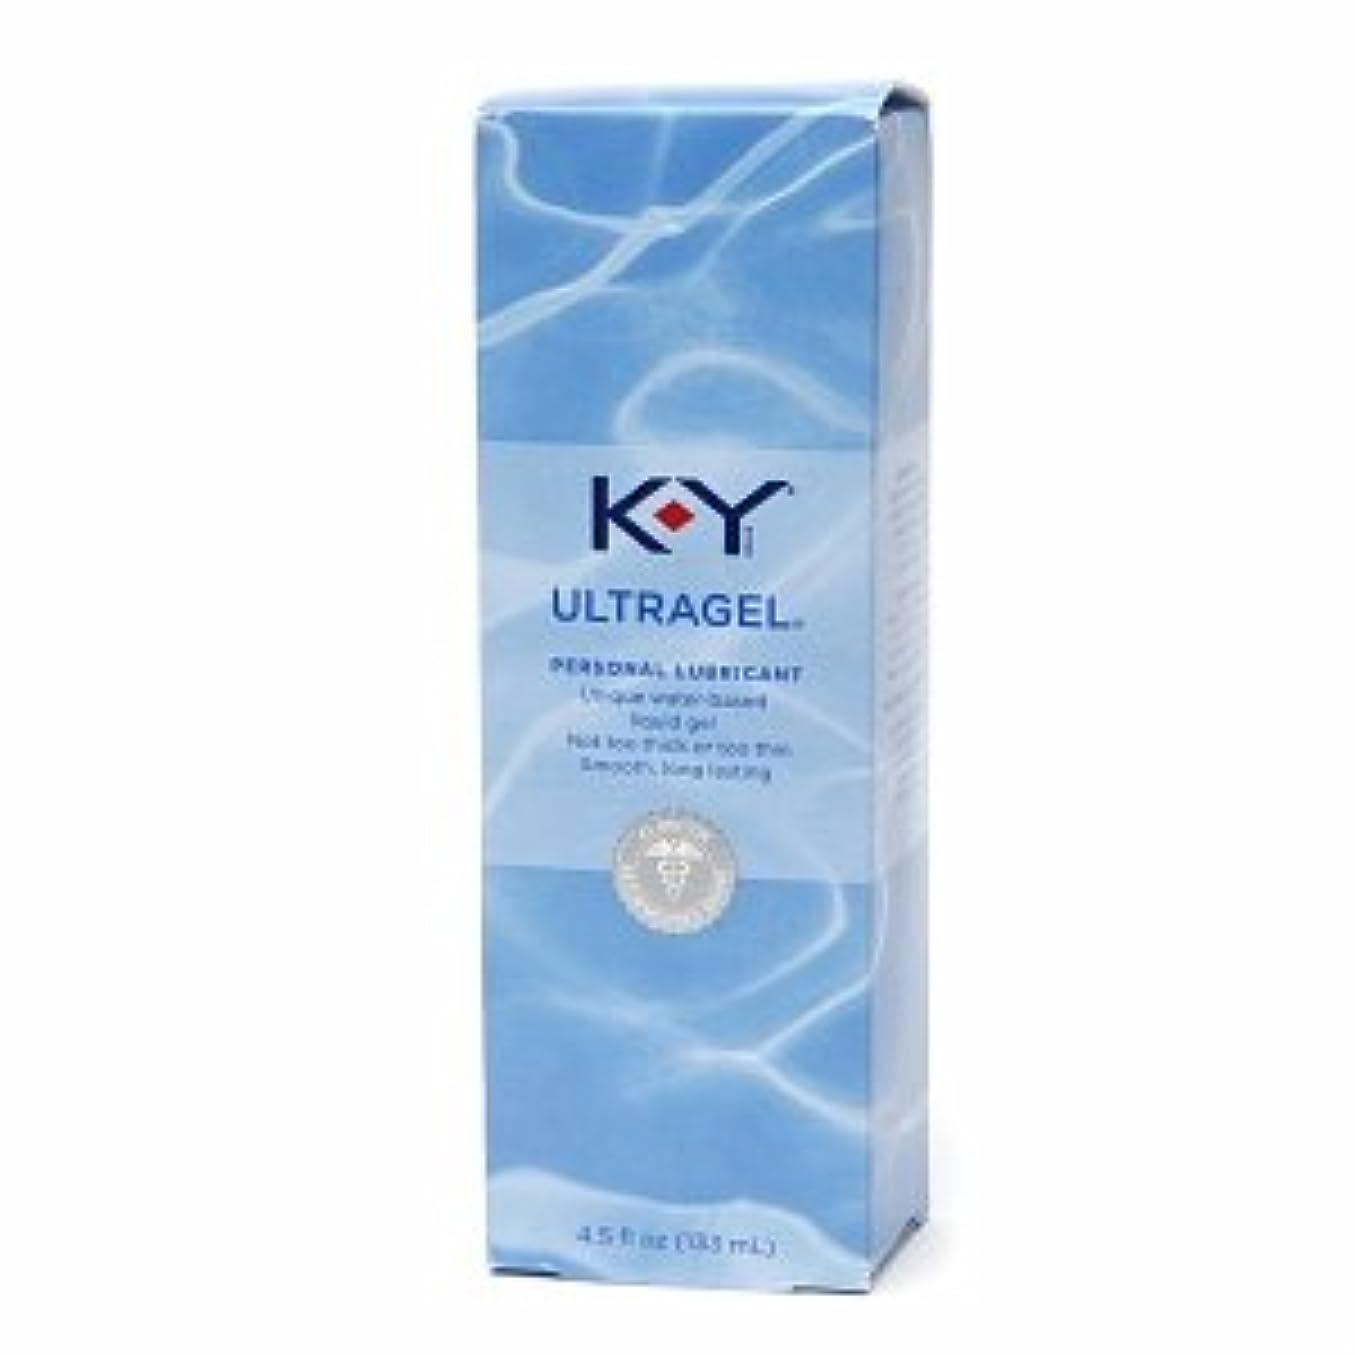 象子供達季節074 不感症で濡れにくい方へ【高級潤滑剤 KYゼリー】 水溶性の潤滑ジェル42g 海外直送品